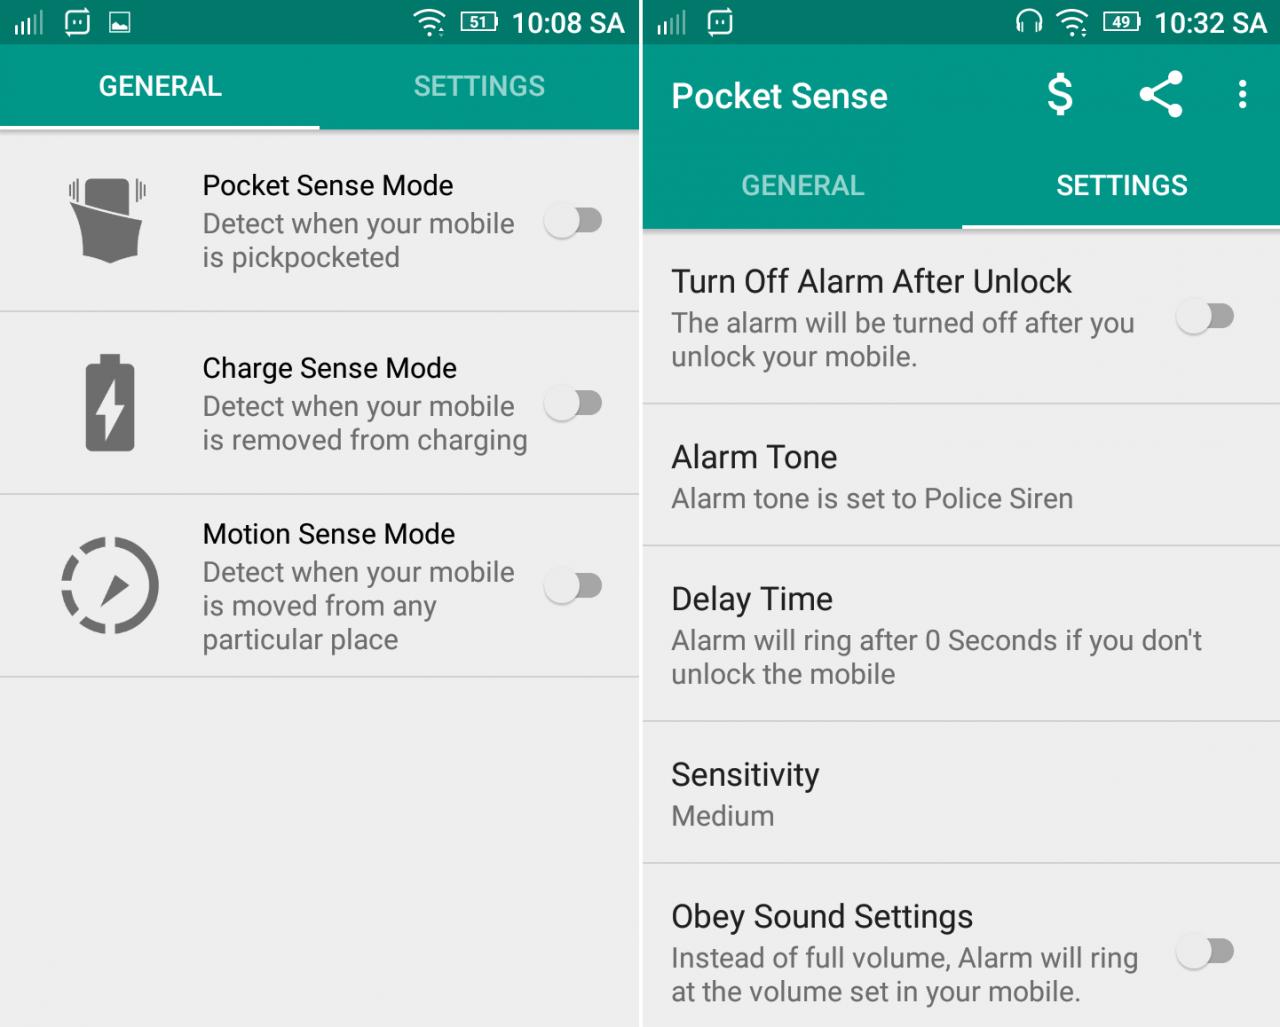 Hình ảnh 9M6rH8a của Tải Pocket Sense và hướng dẫn cài đặt chống trộm điện thoại tại HieuMobile